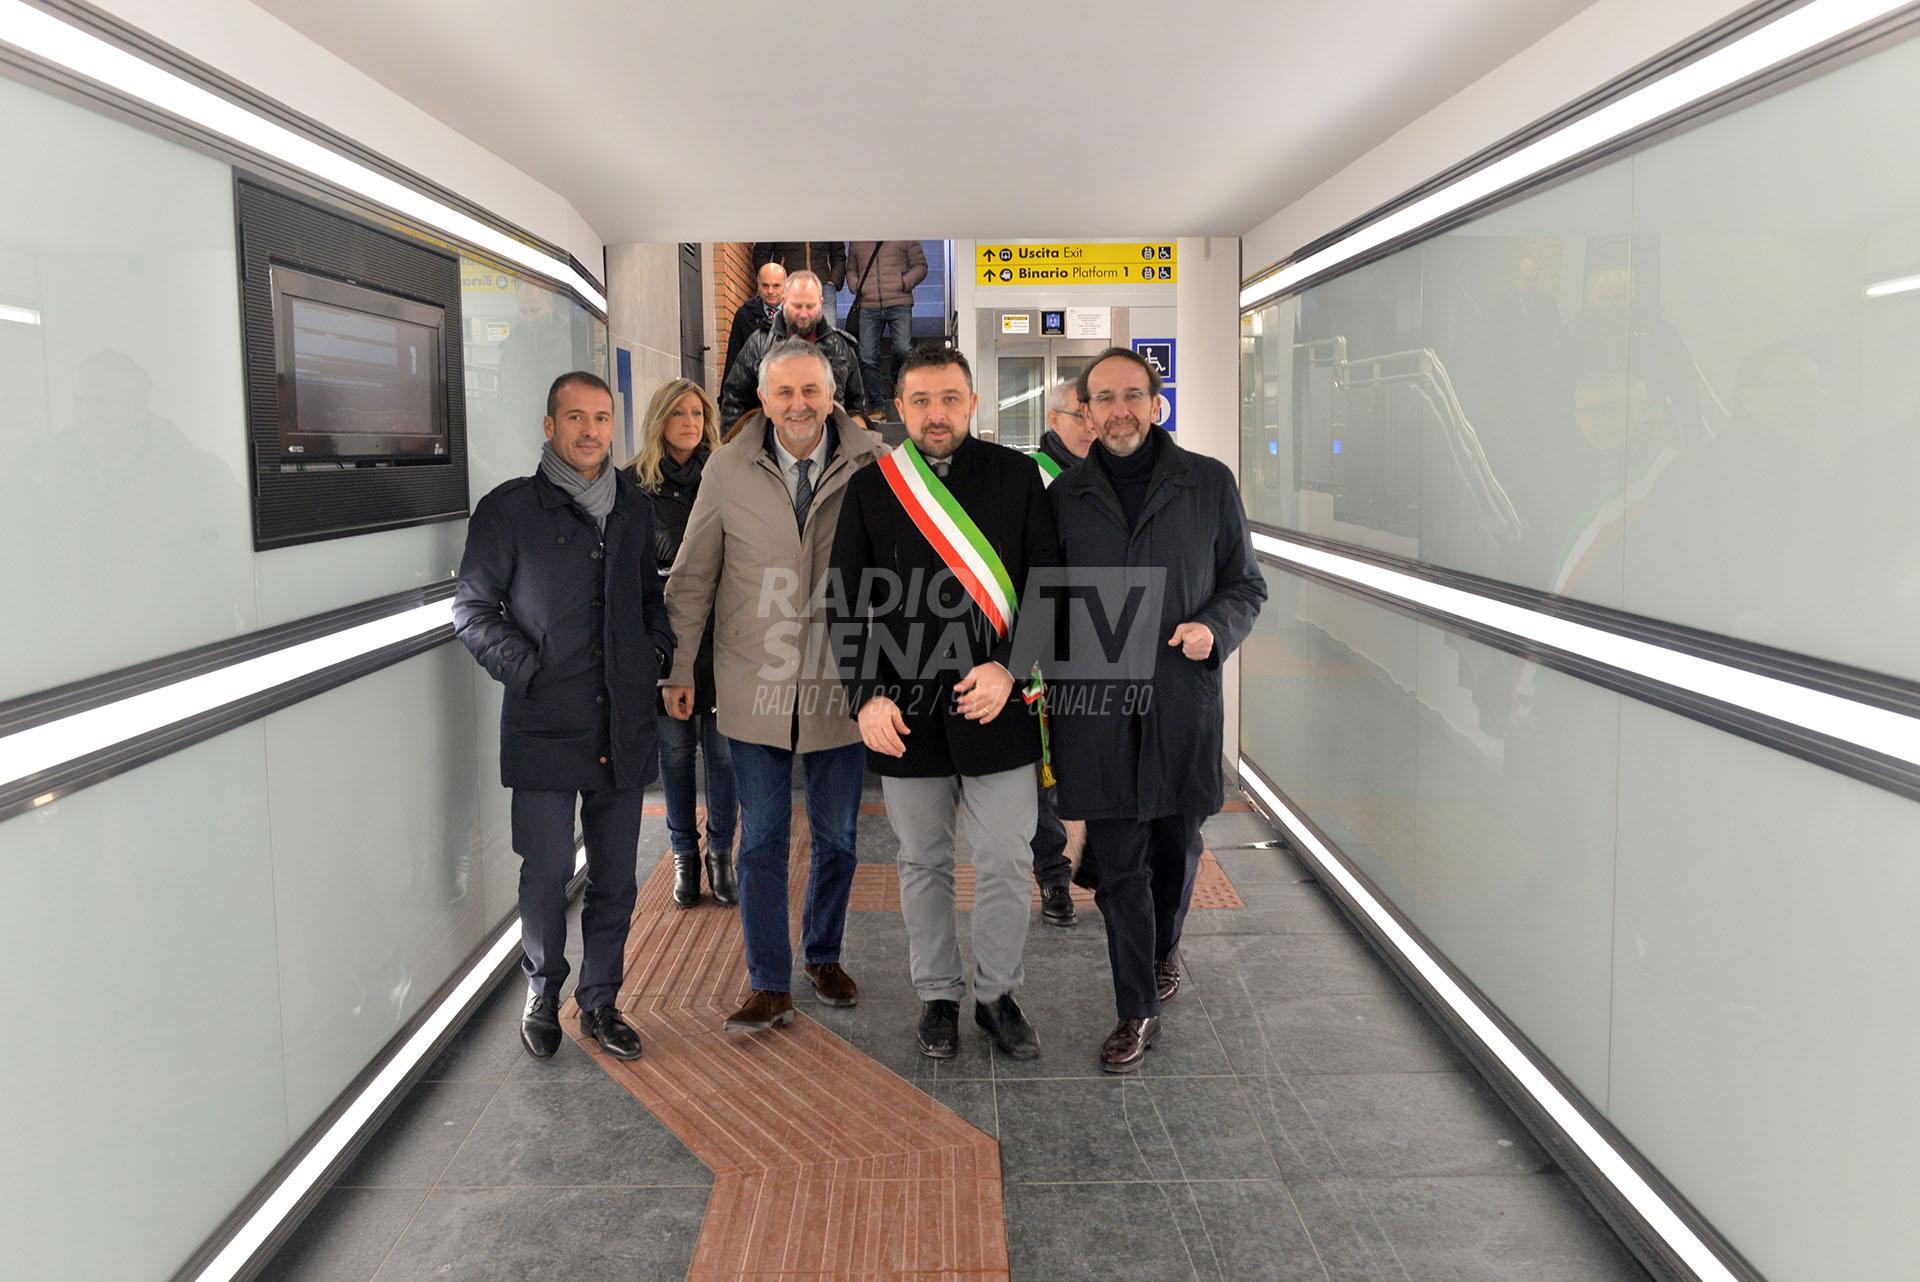 Chiusi-Chianciano Terme, una stazione rinnovata e più accessibile